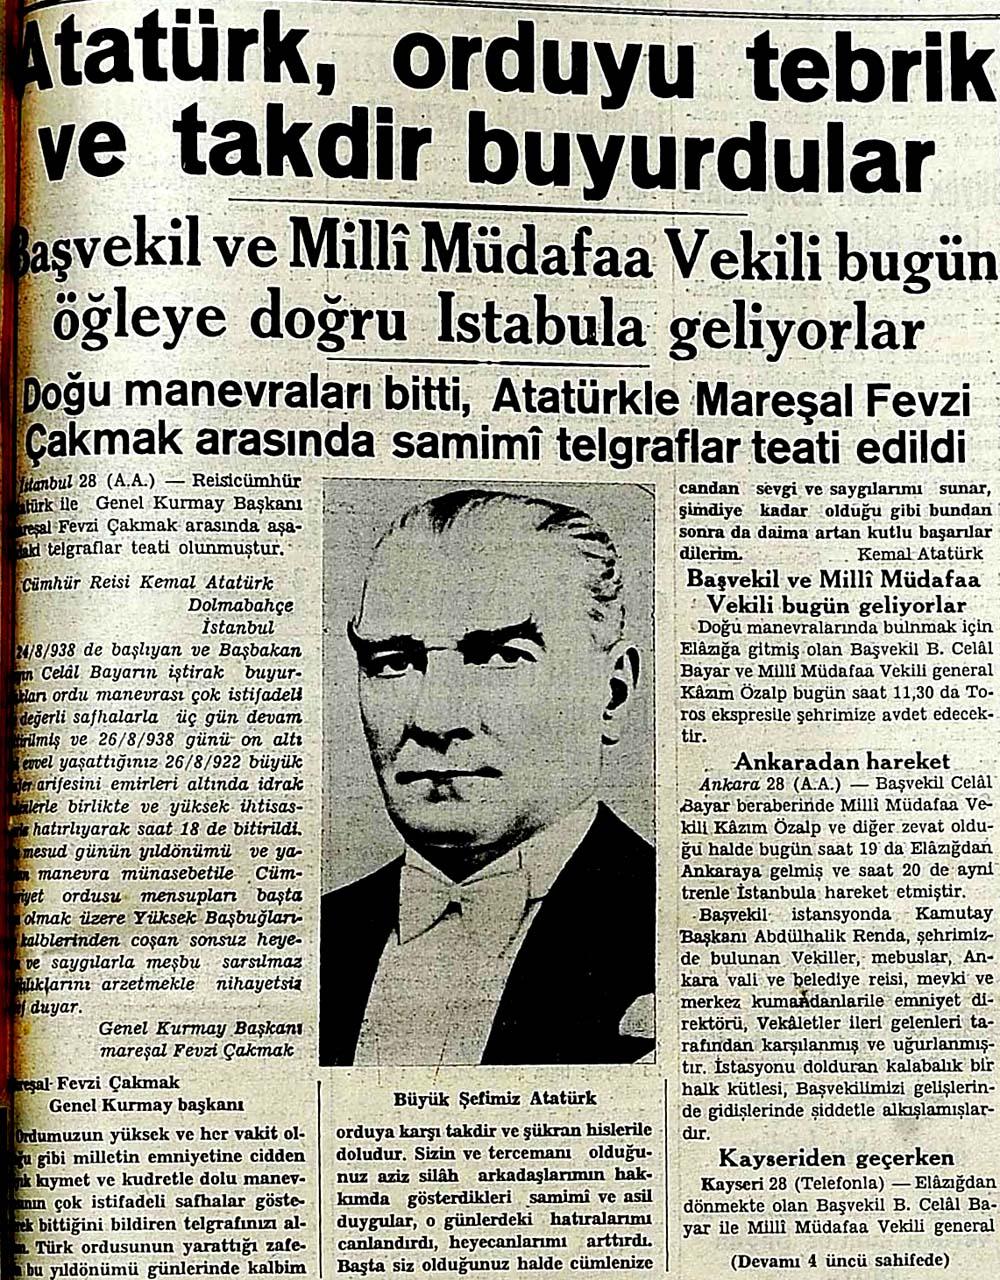 Atatürk, orduyu tebrik ve takdir buyurdular